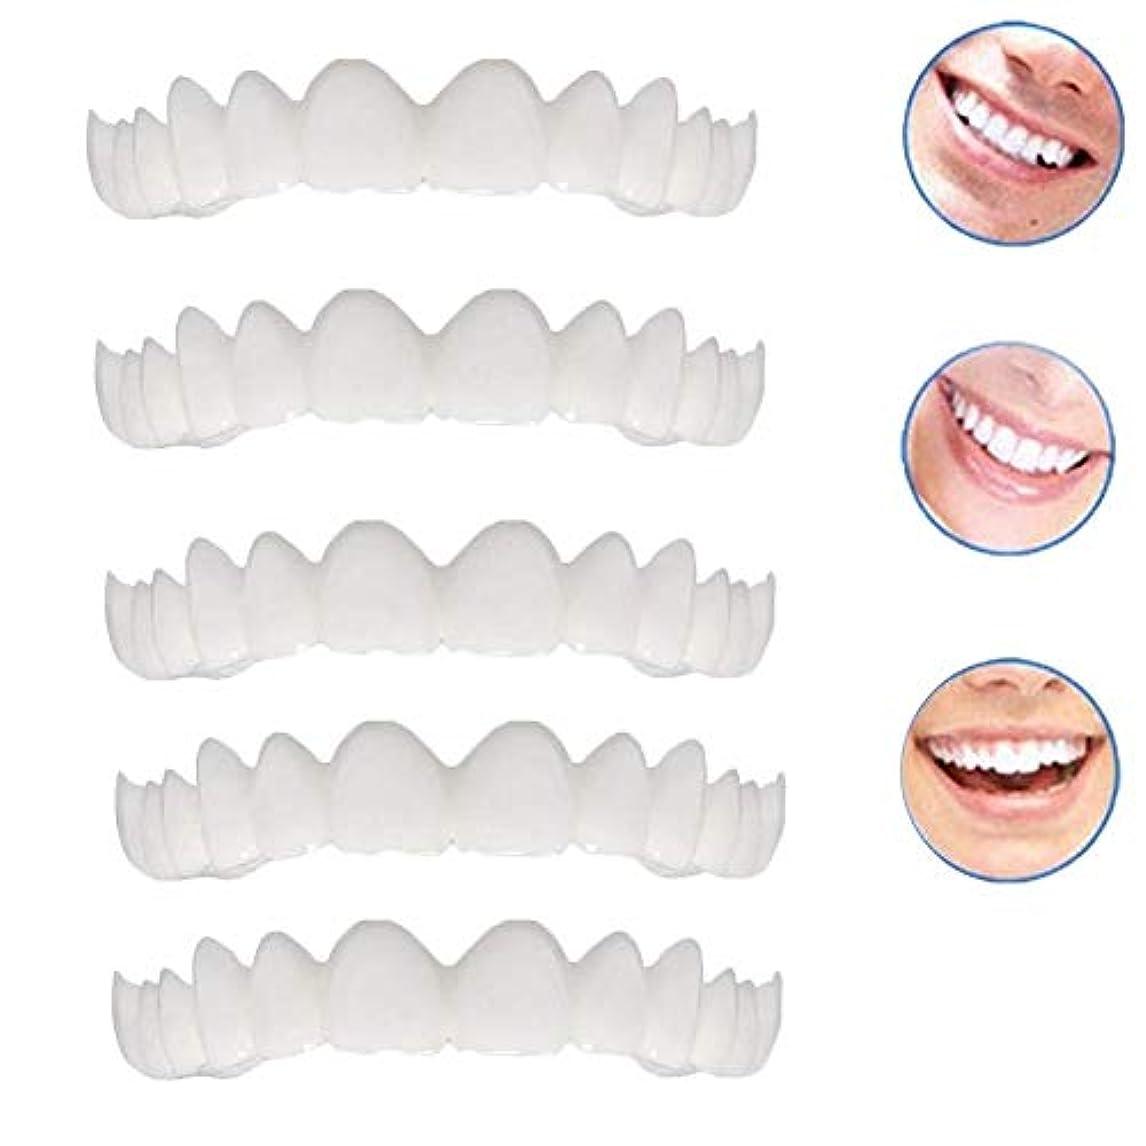 酸化物守銭奴経済2本の偽のベニヤ修正歯のトップホワイトニング化粧品義歯修正のための悪い歯のための新しいプロの笑顔のベニヤ